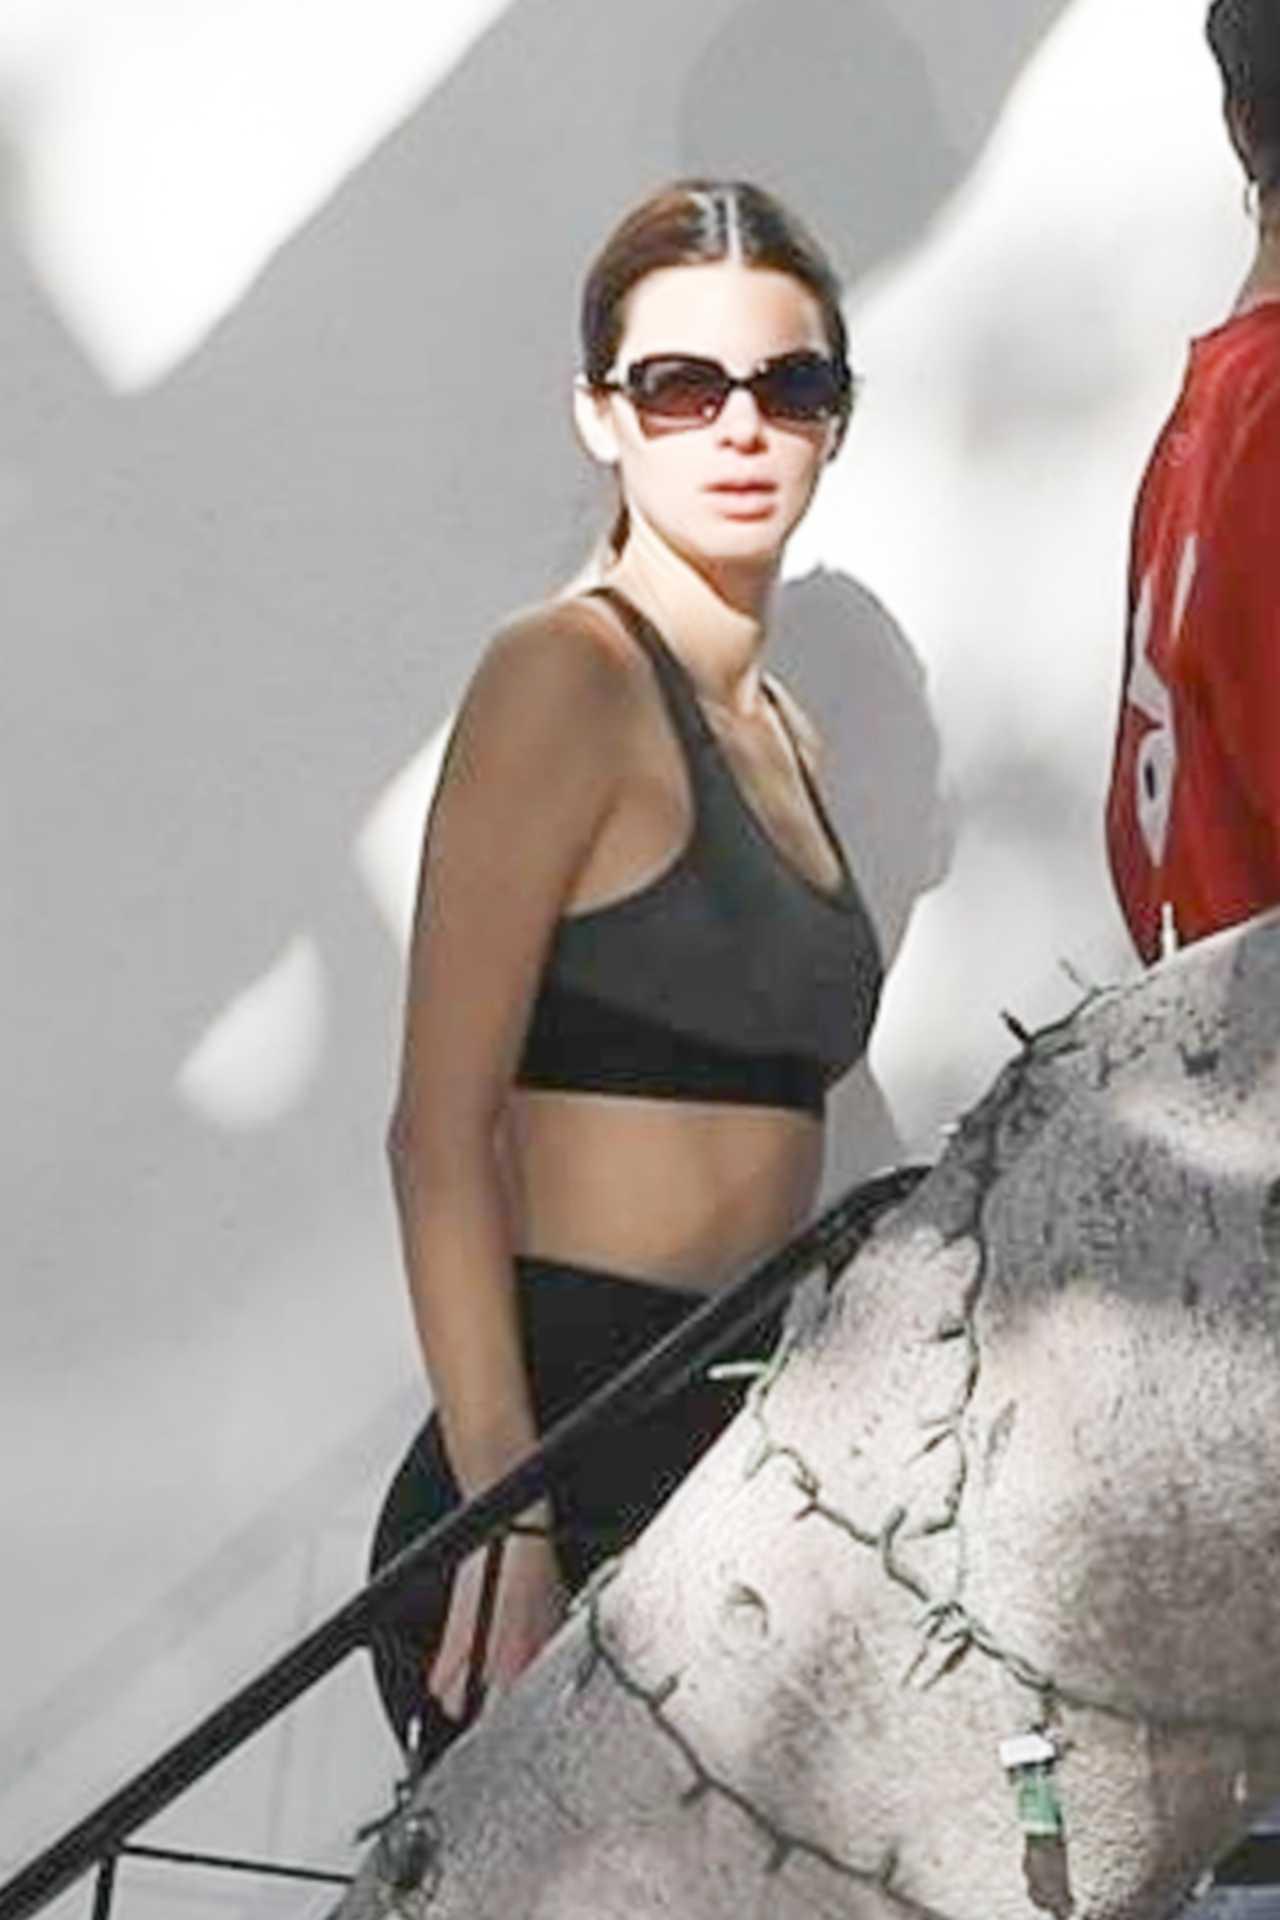 Kendall Jenner, black leggings, grey sports bra, black Velvet Canyon sunglasses, waist high, skinny, showcase, flat stomach. Kendall Jenner donning black skinny leggings